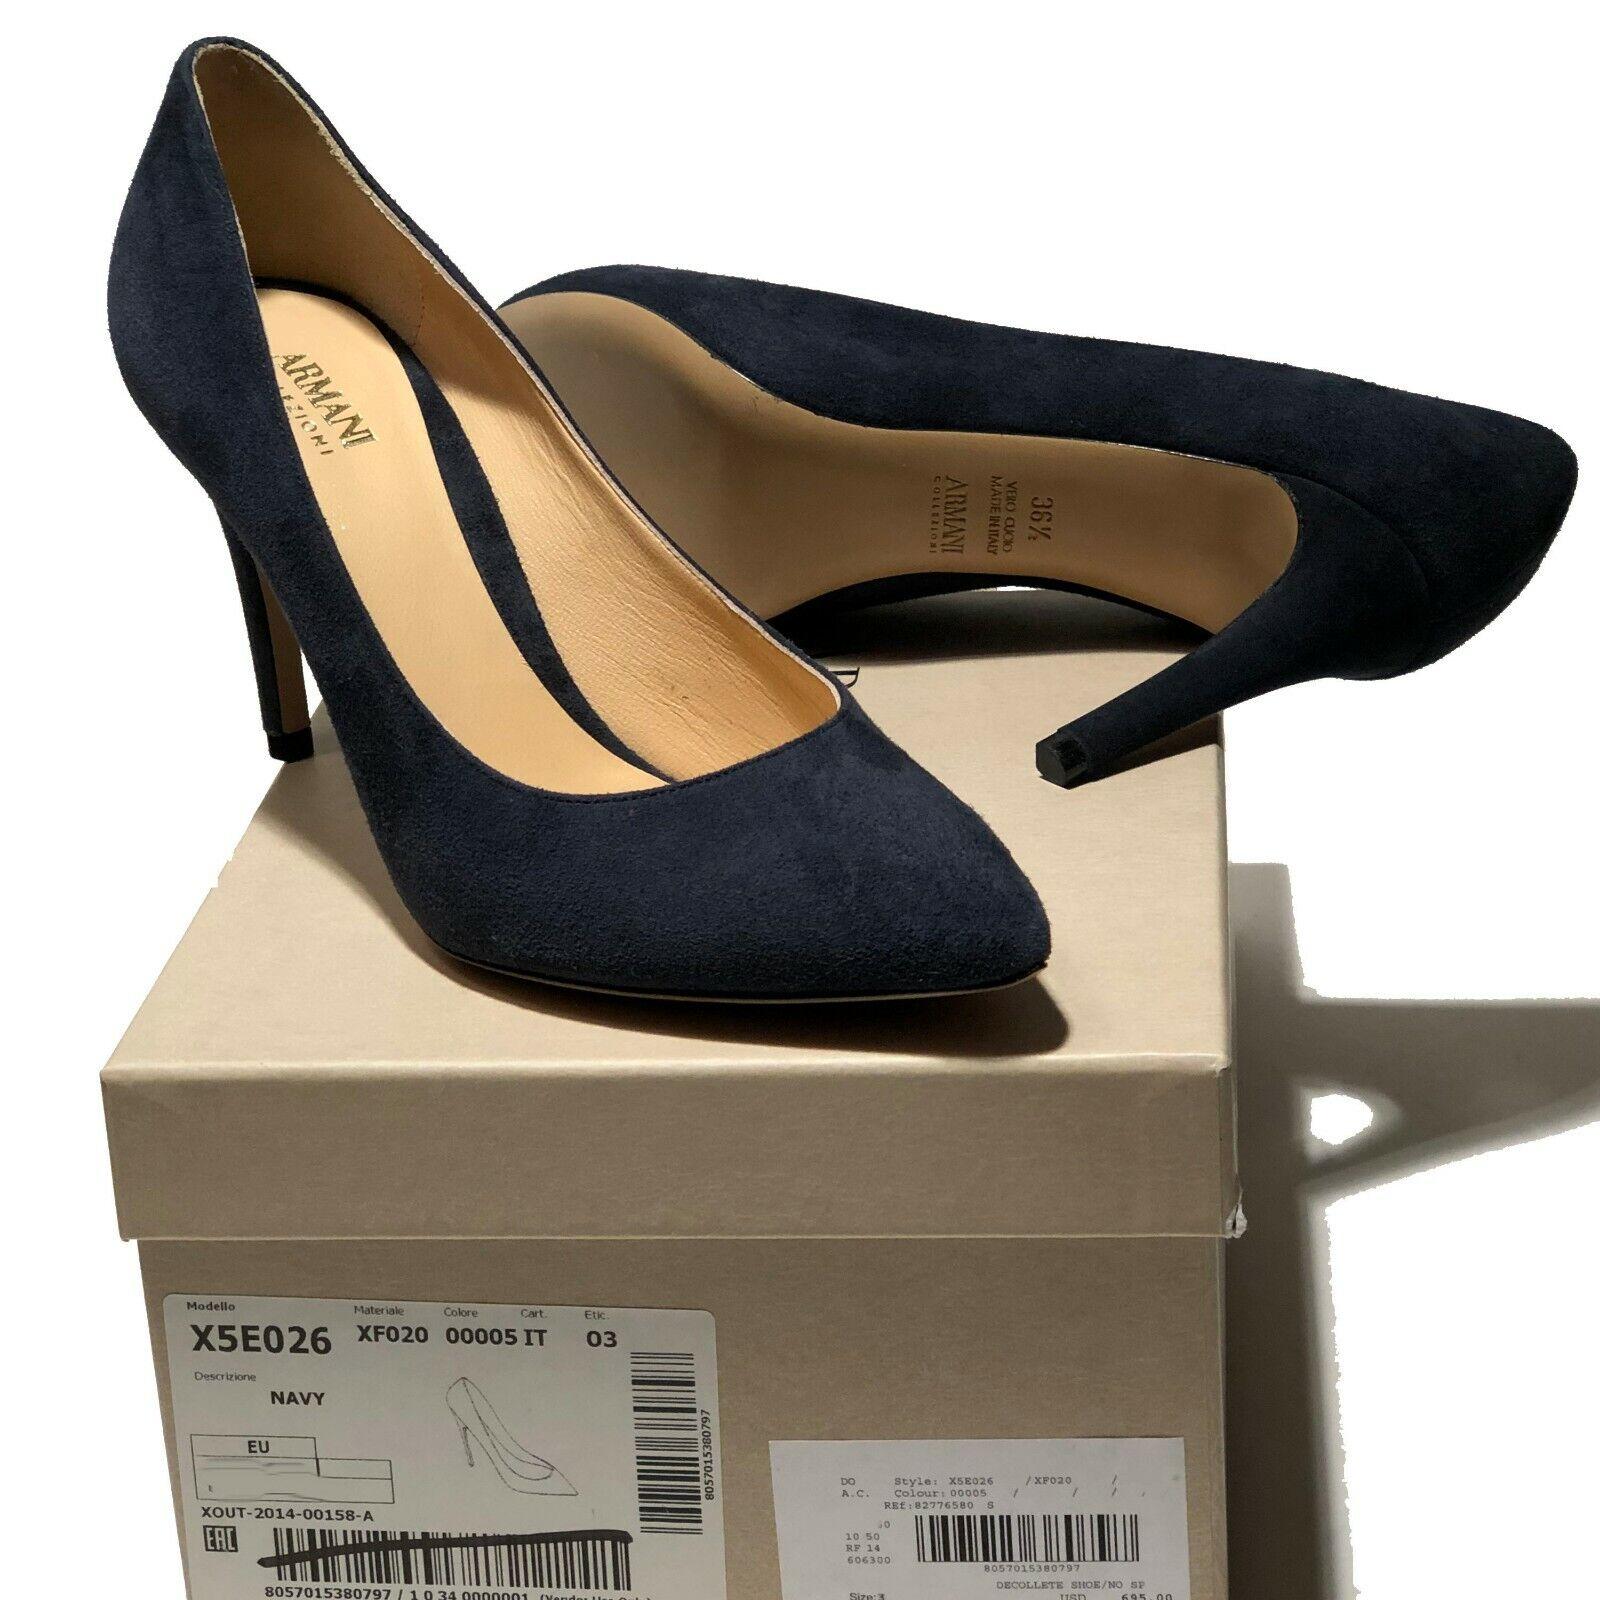 nelle promozioni dello stadio  695 Armani Donna  Navy Suede Leather 7.5 37.5 37.5 37.5 Pointed Toe Stiletto Heels Pumps  prezzi equi